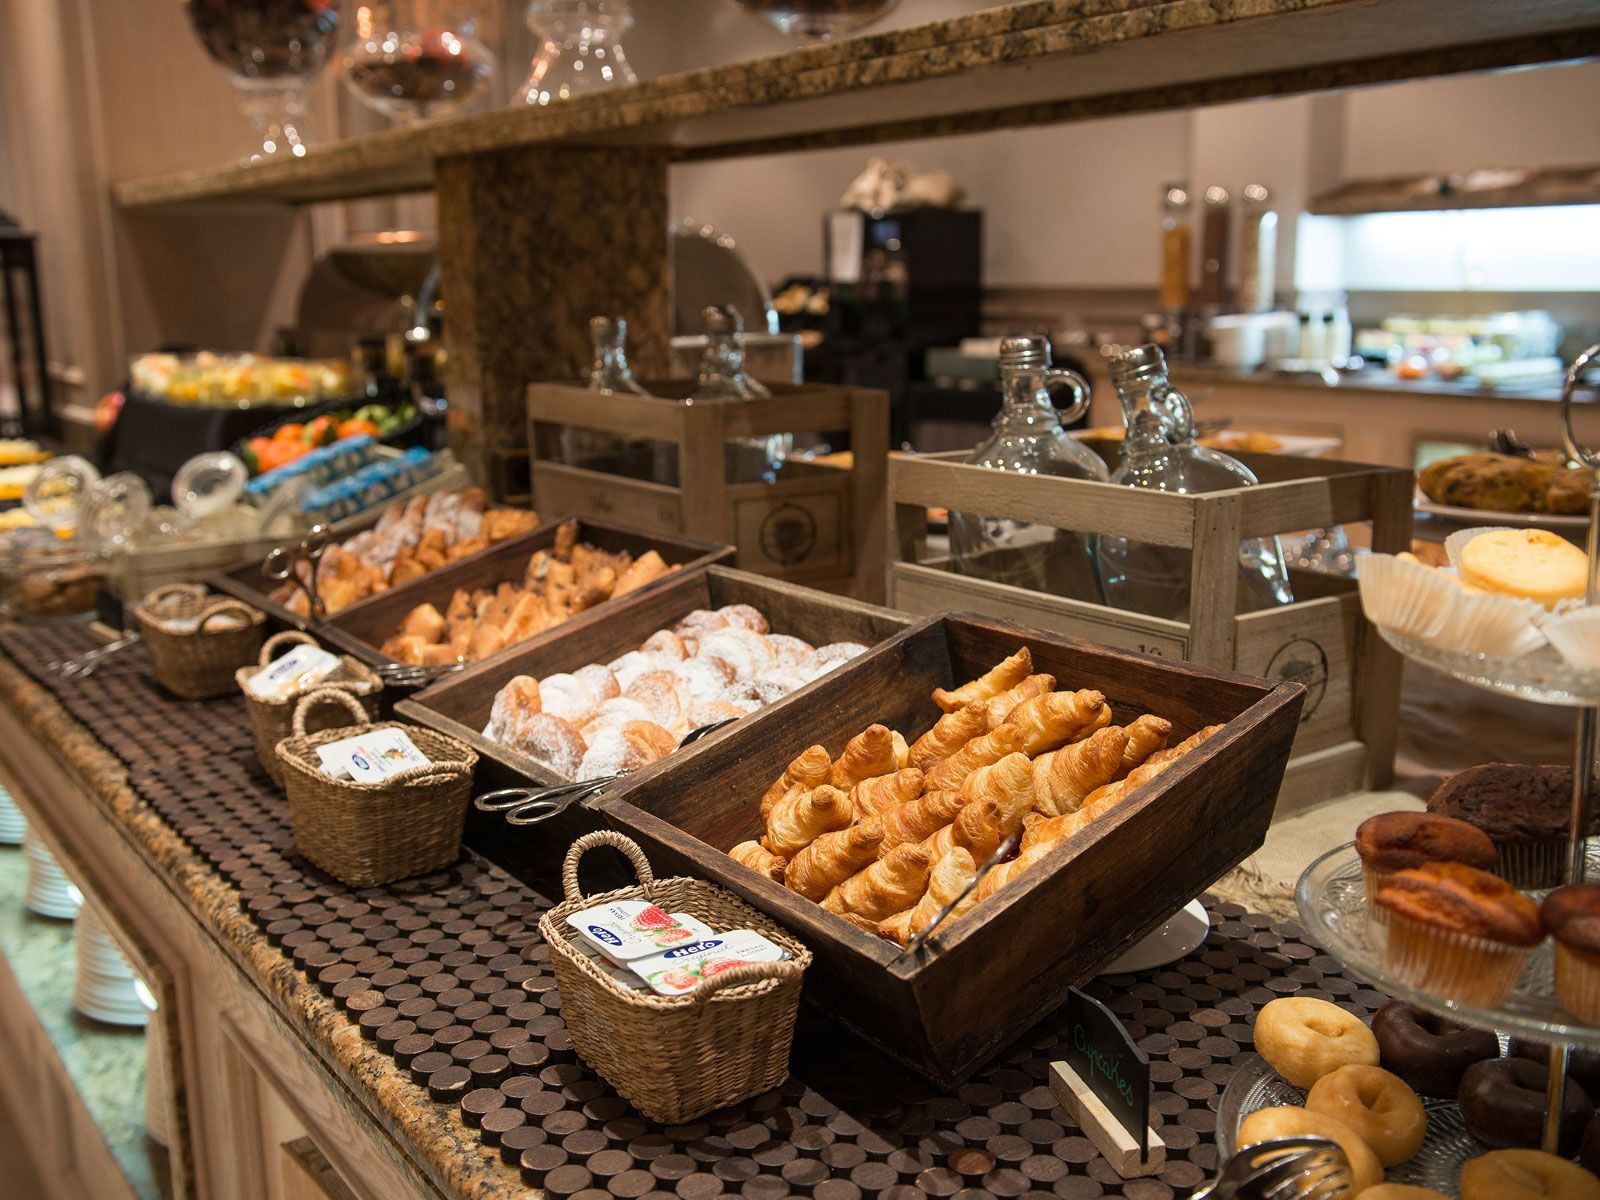 Imagenes De Buffet De Desayunos Buscar Con Google